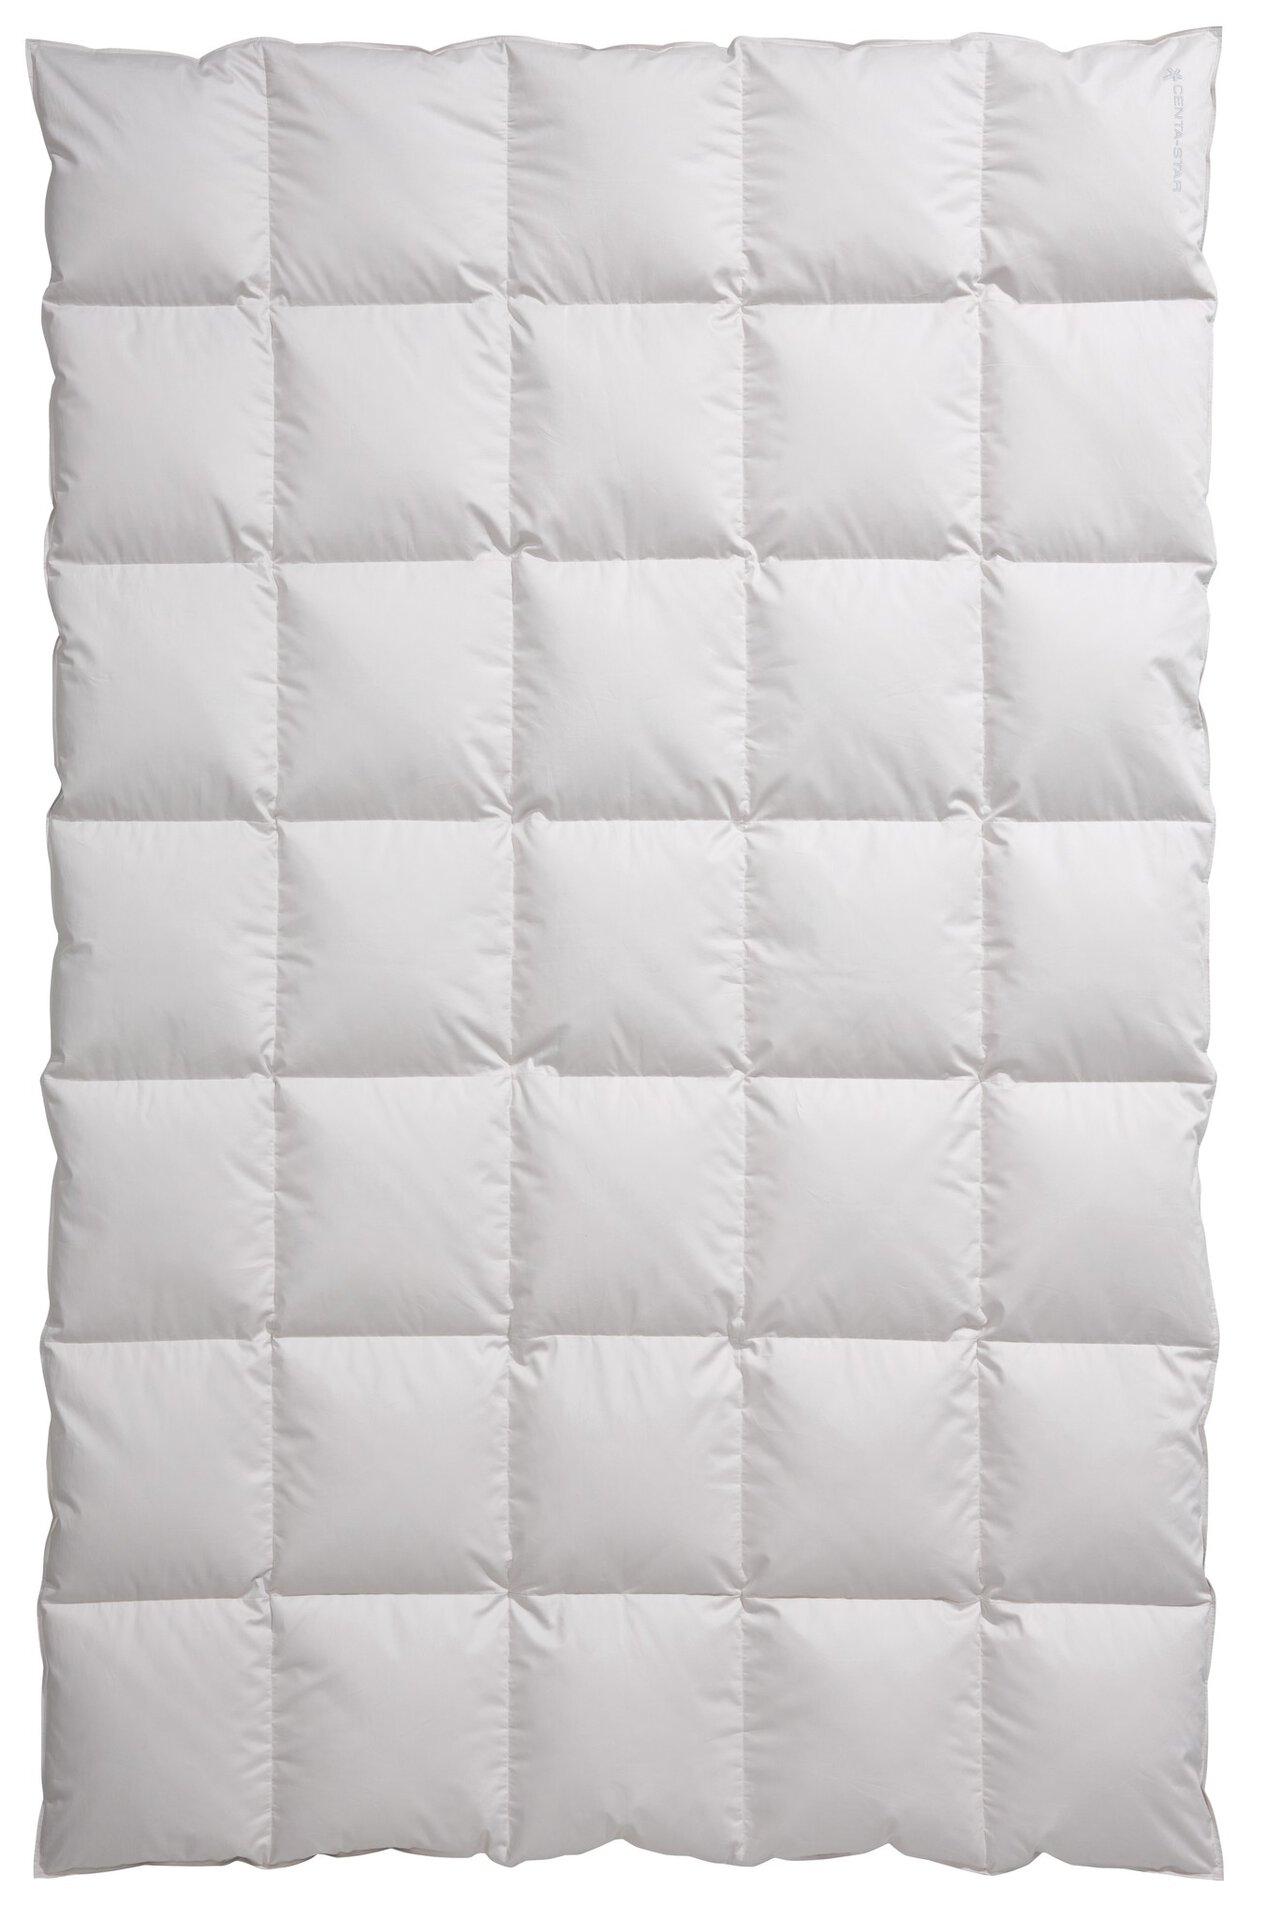 Daunendecke GOLF VON ALASKA medium Centa-Star extra Textil 135 x 200 cm